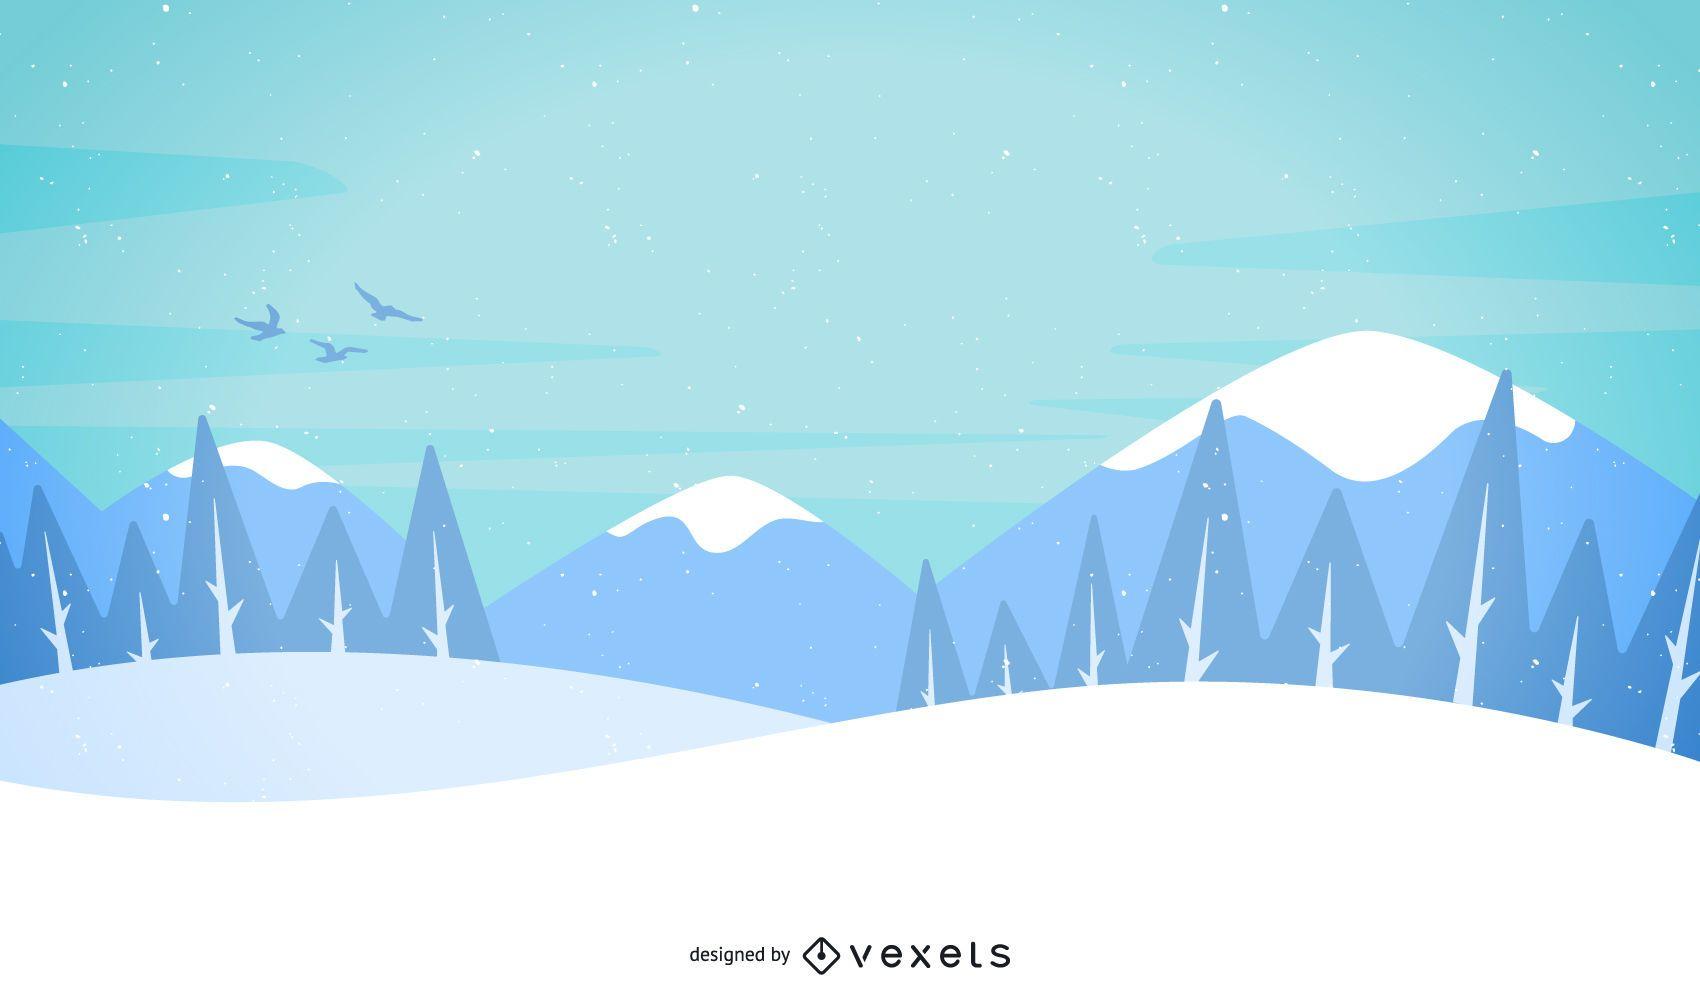 Paisaje ilustrado de nieve y montañas.